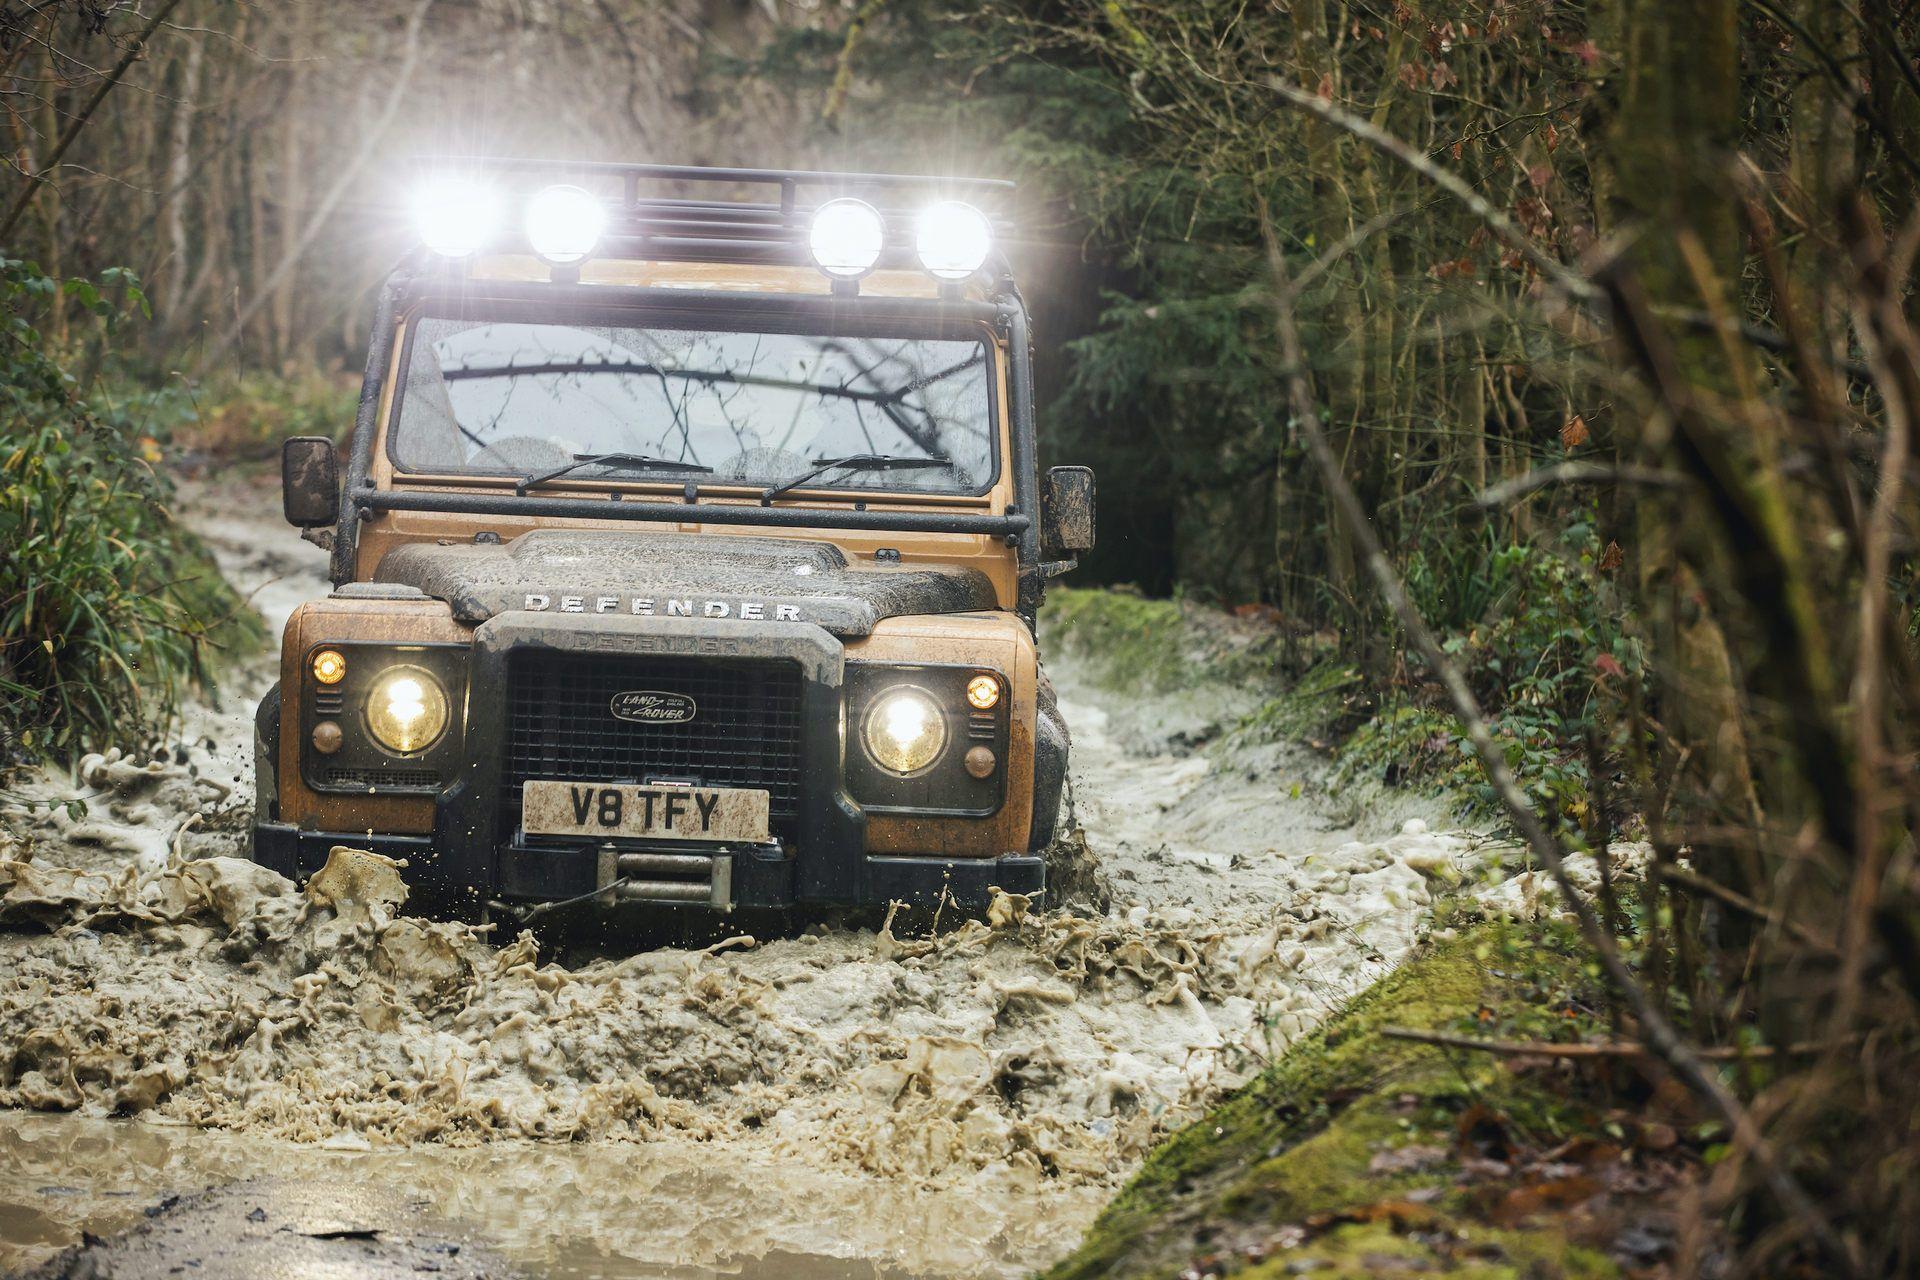 Land-Rover-Defender-Works-V8-Trophy-22